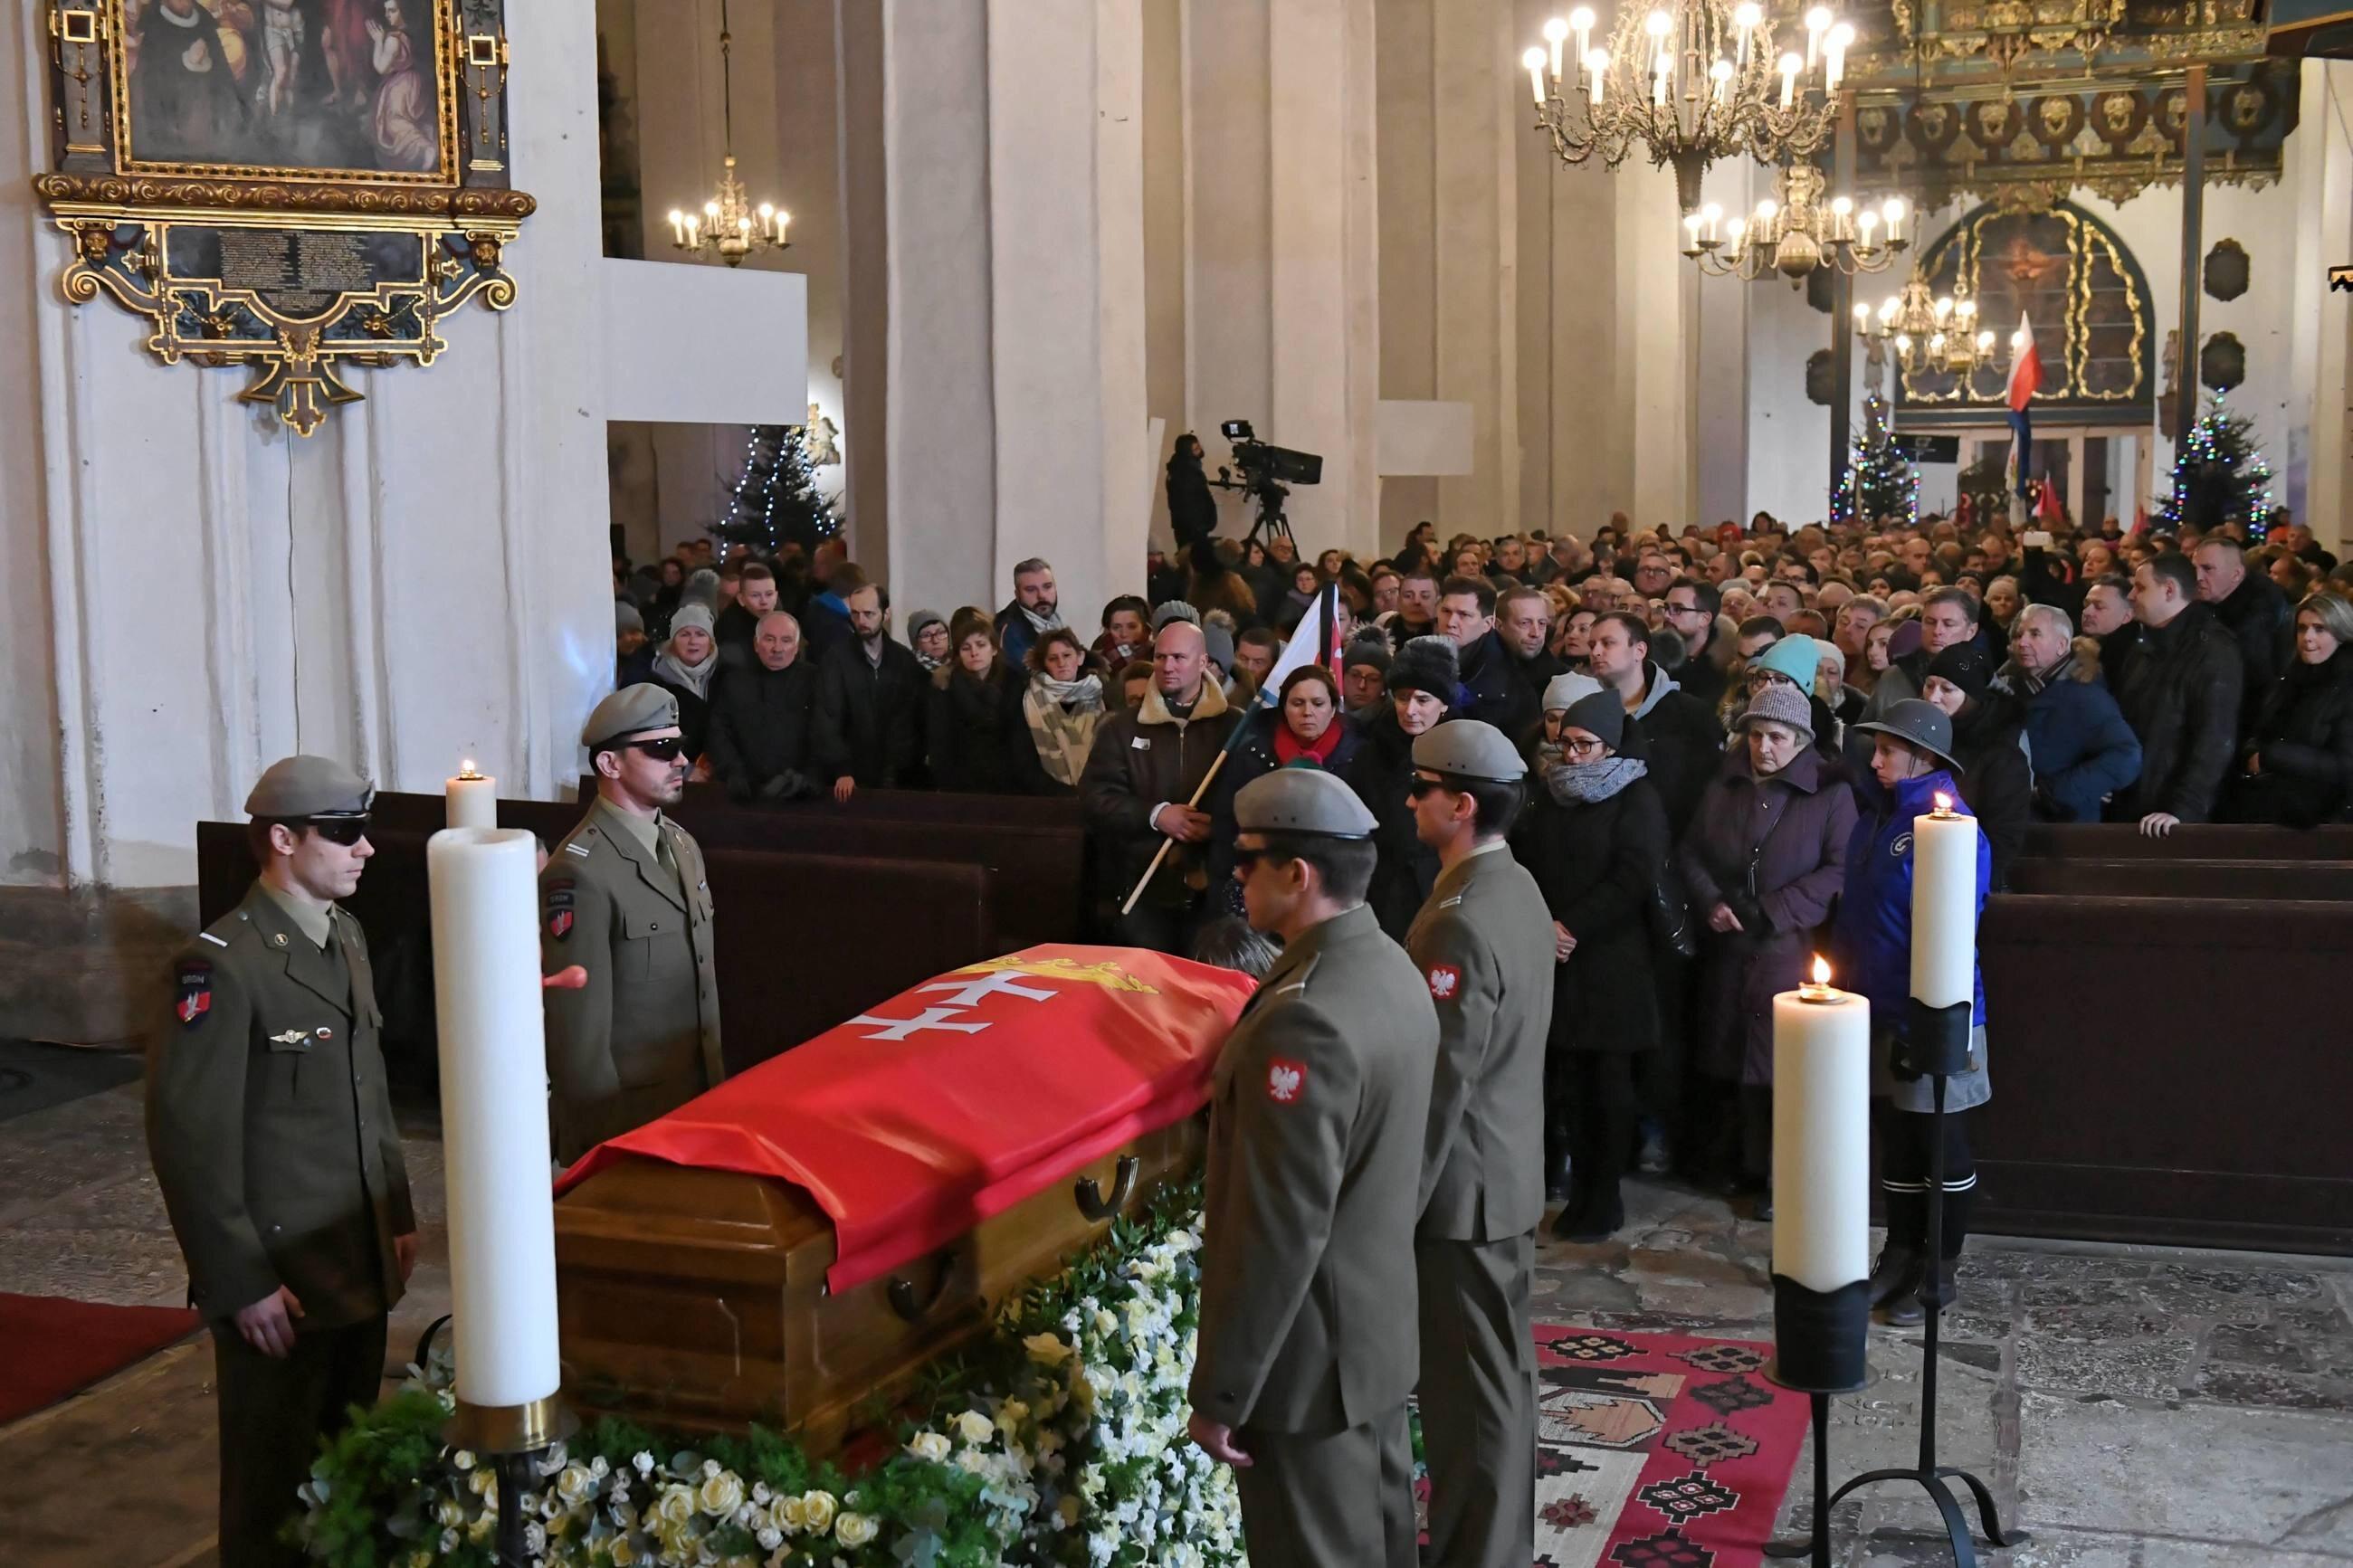 Tłumy żegnają prezydenta Pawła Adamowicza w Bazylice Mariackiej w Gdańsku